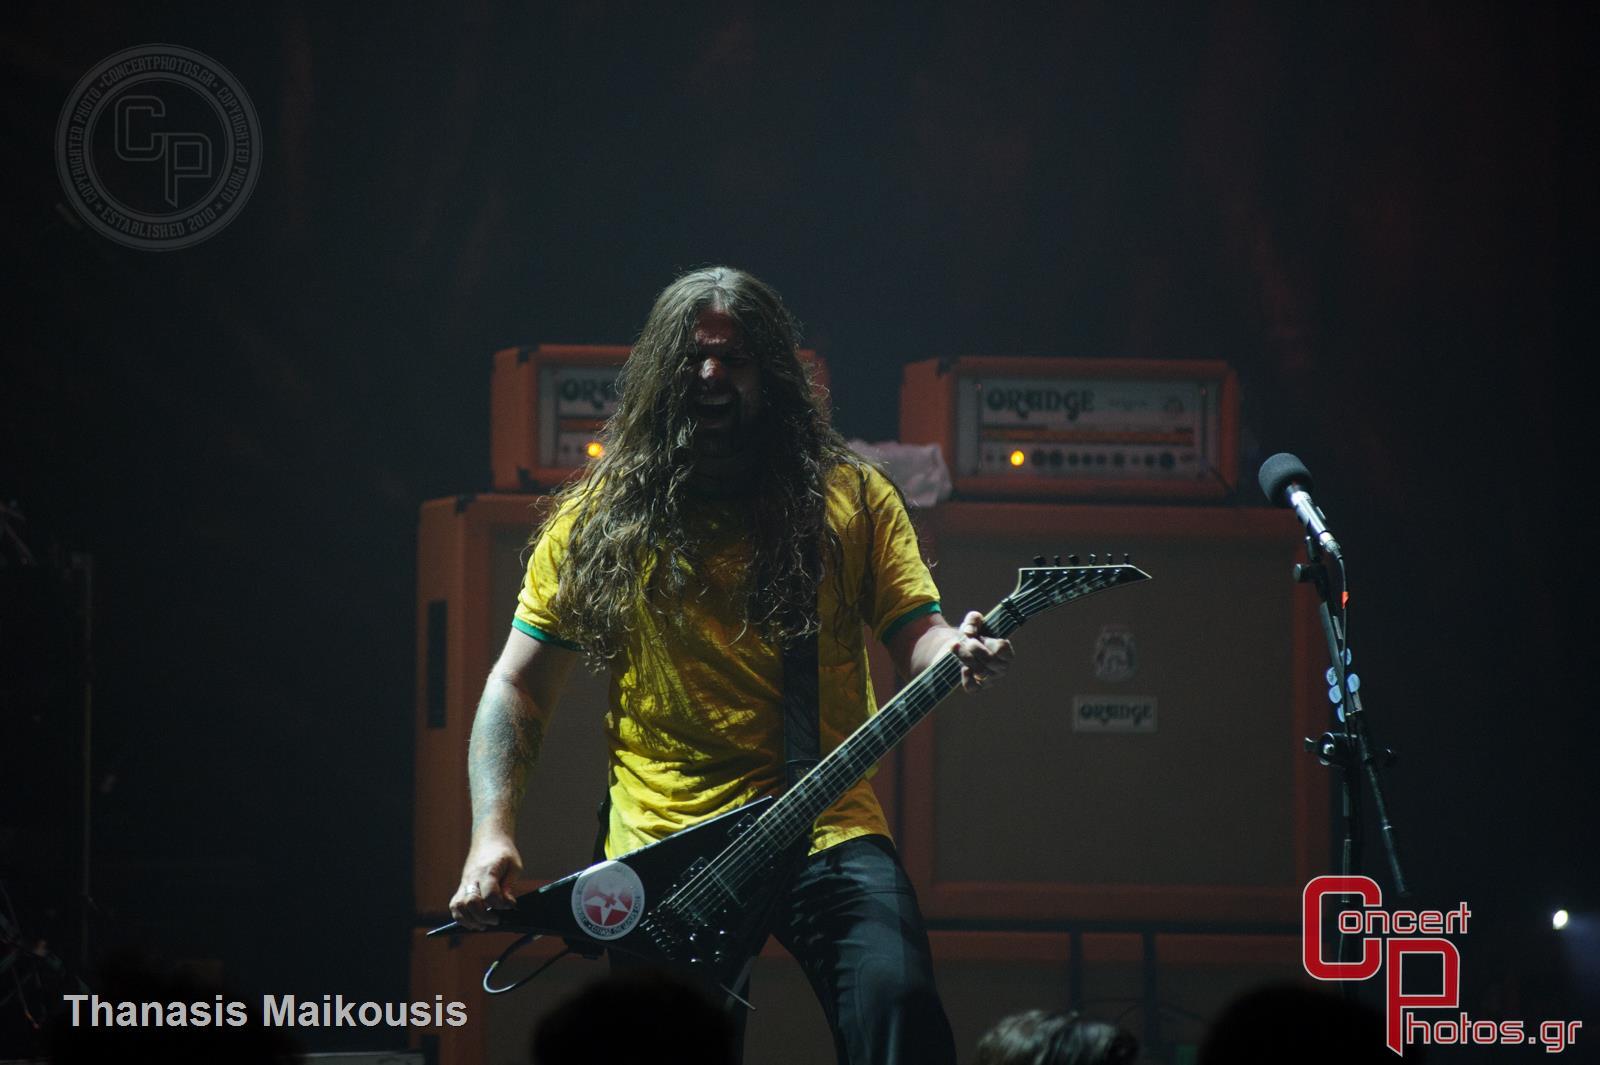 Sepultura-Sepultira photographer: Thanasis Maikousis - concertphotos_20140703_23_12_24